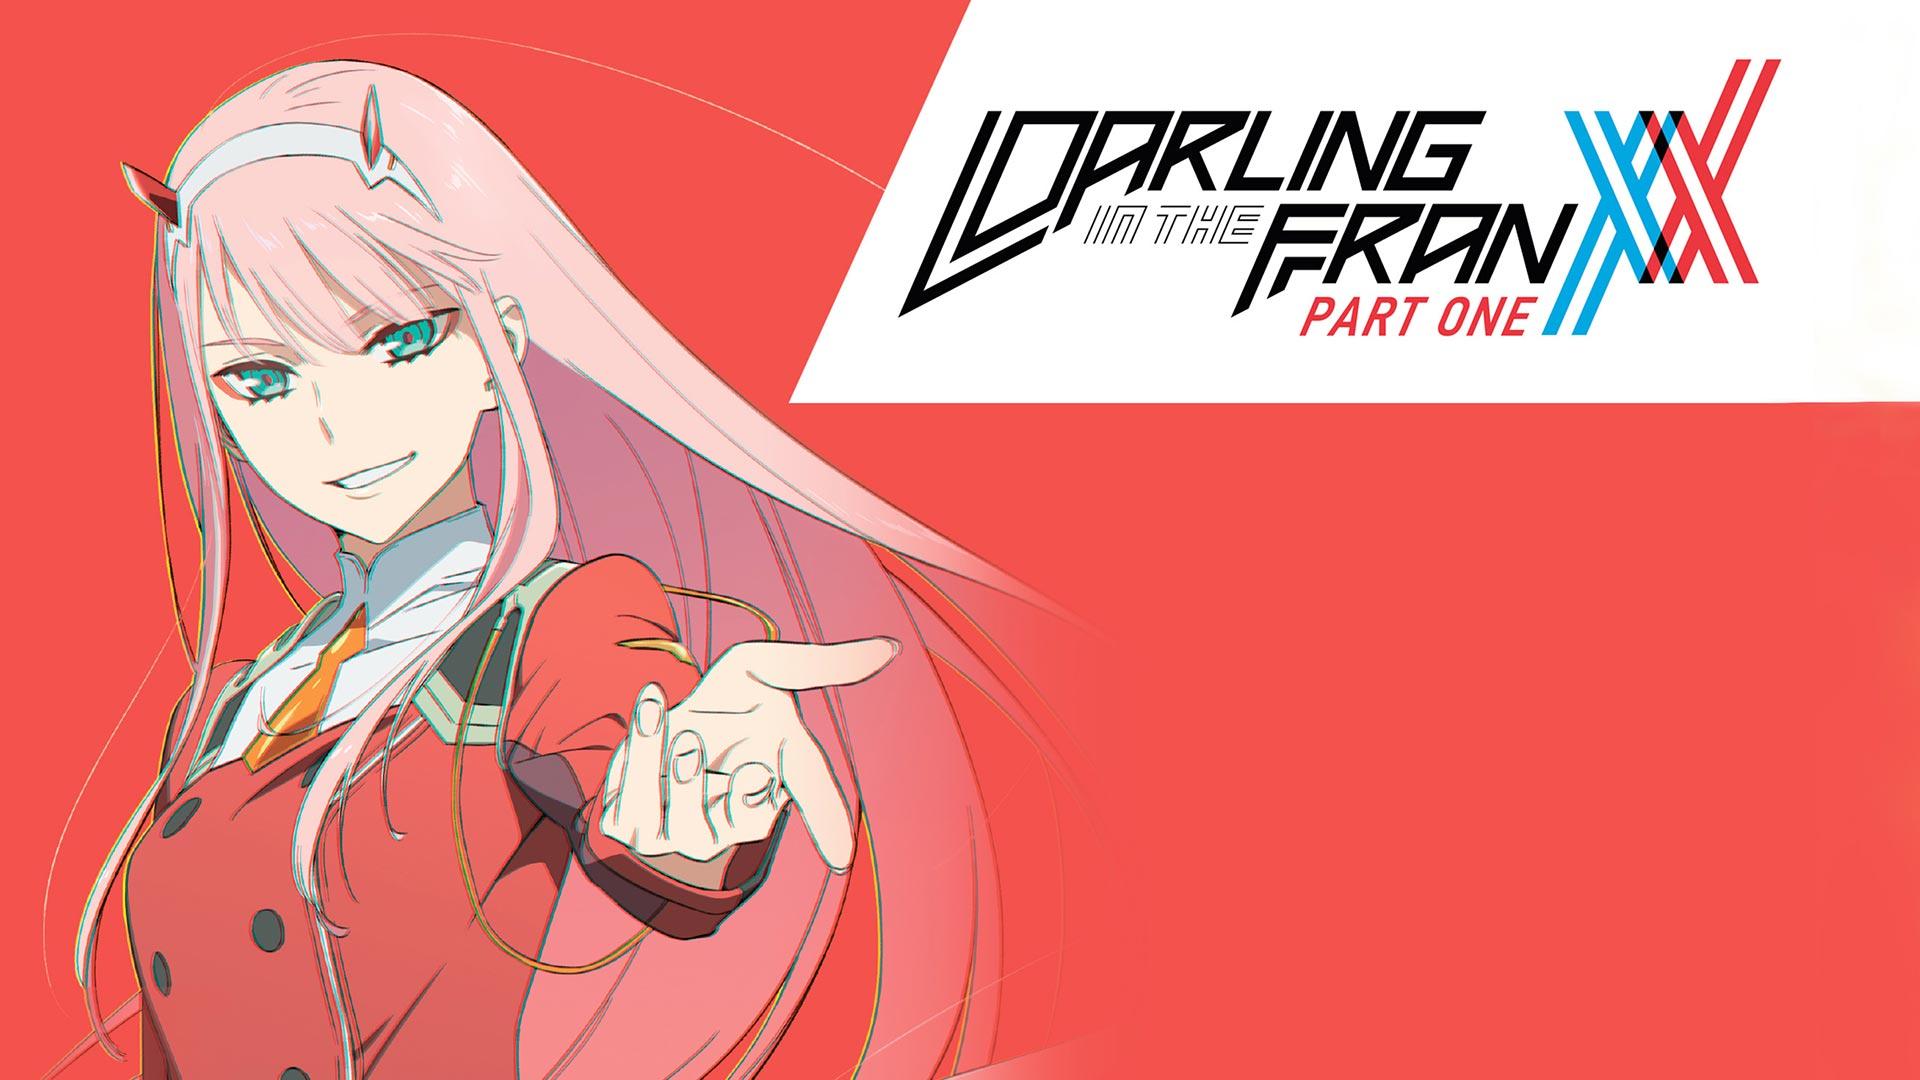 DARLING in the FRANXX, Pt. 1